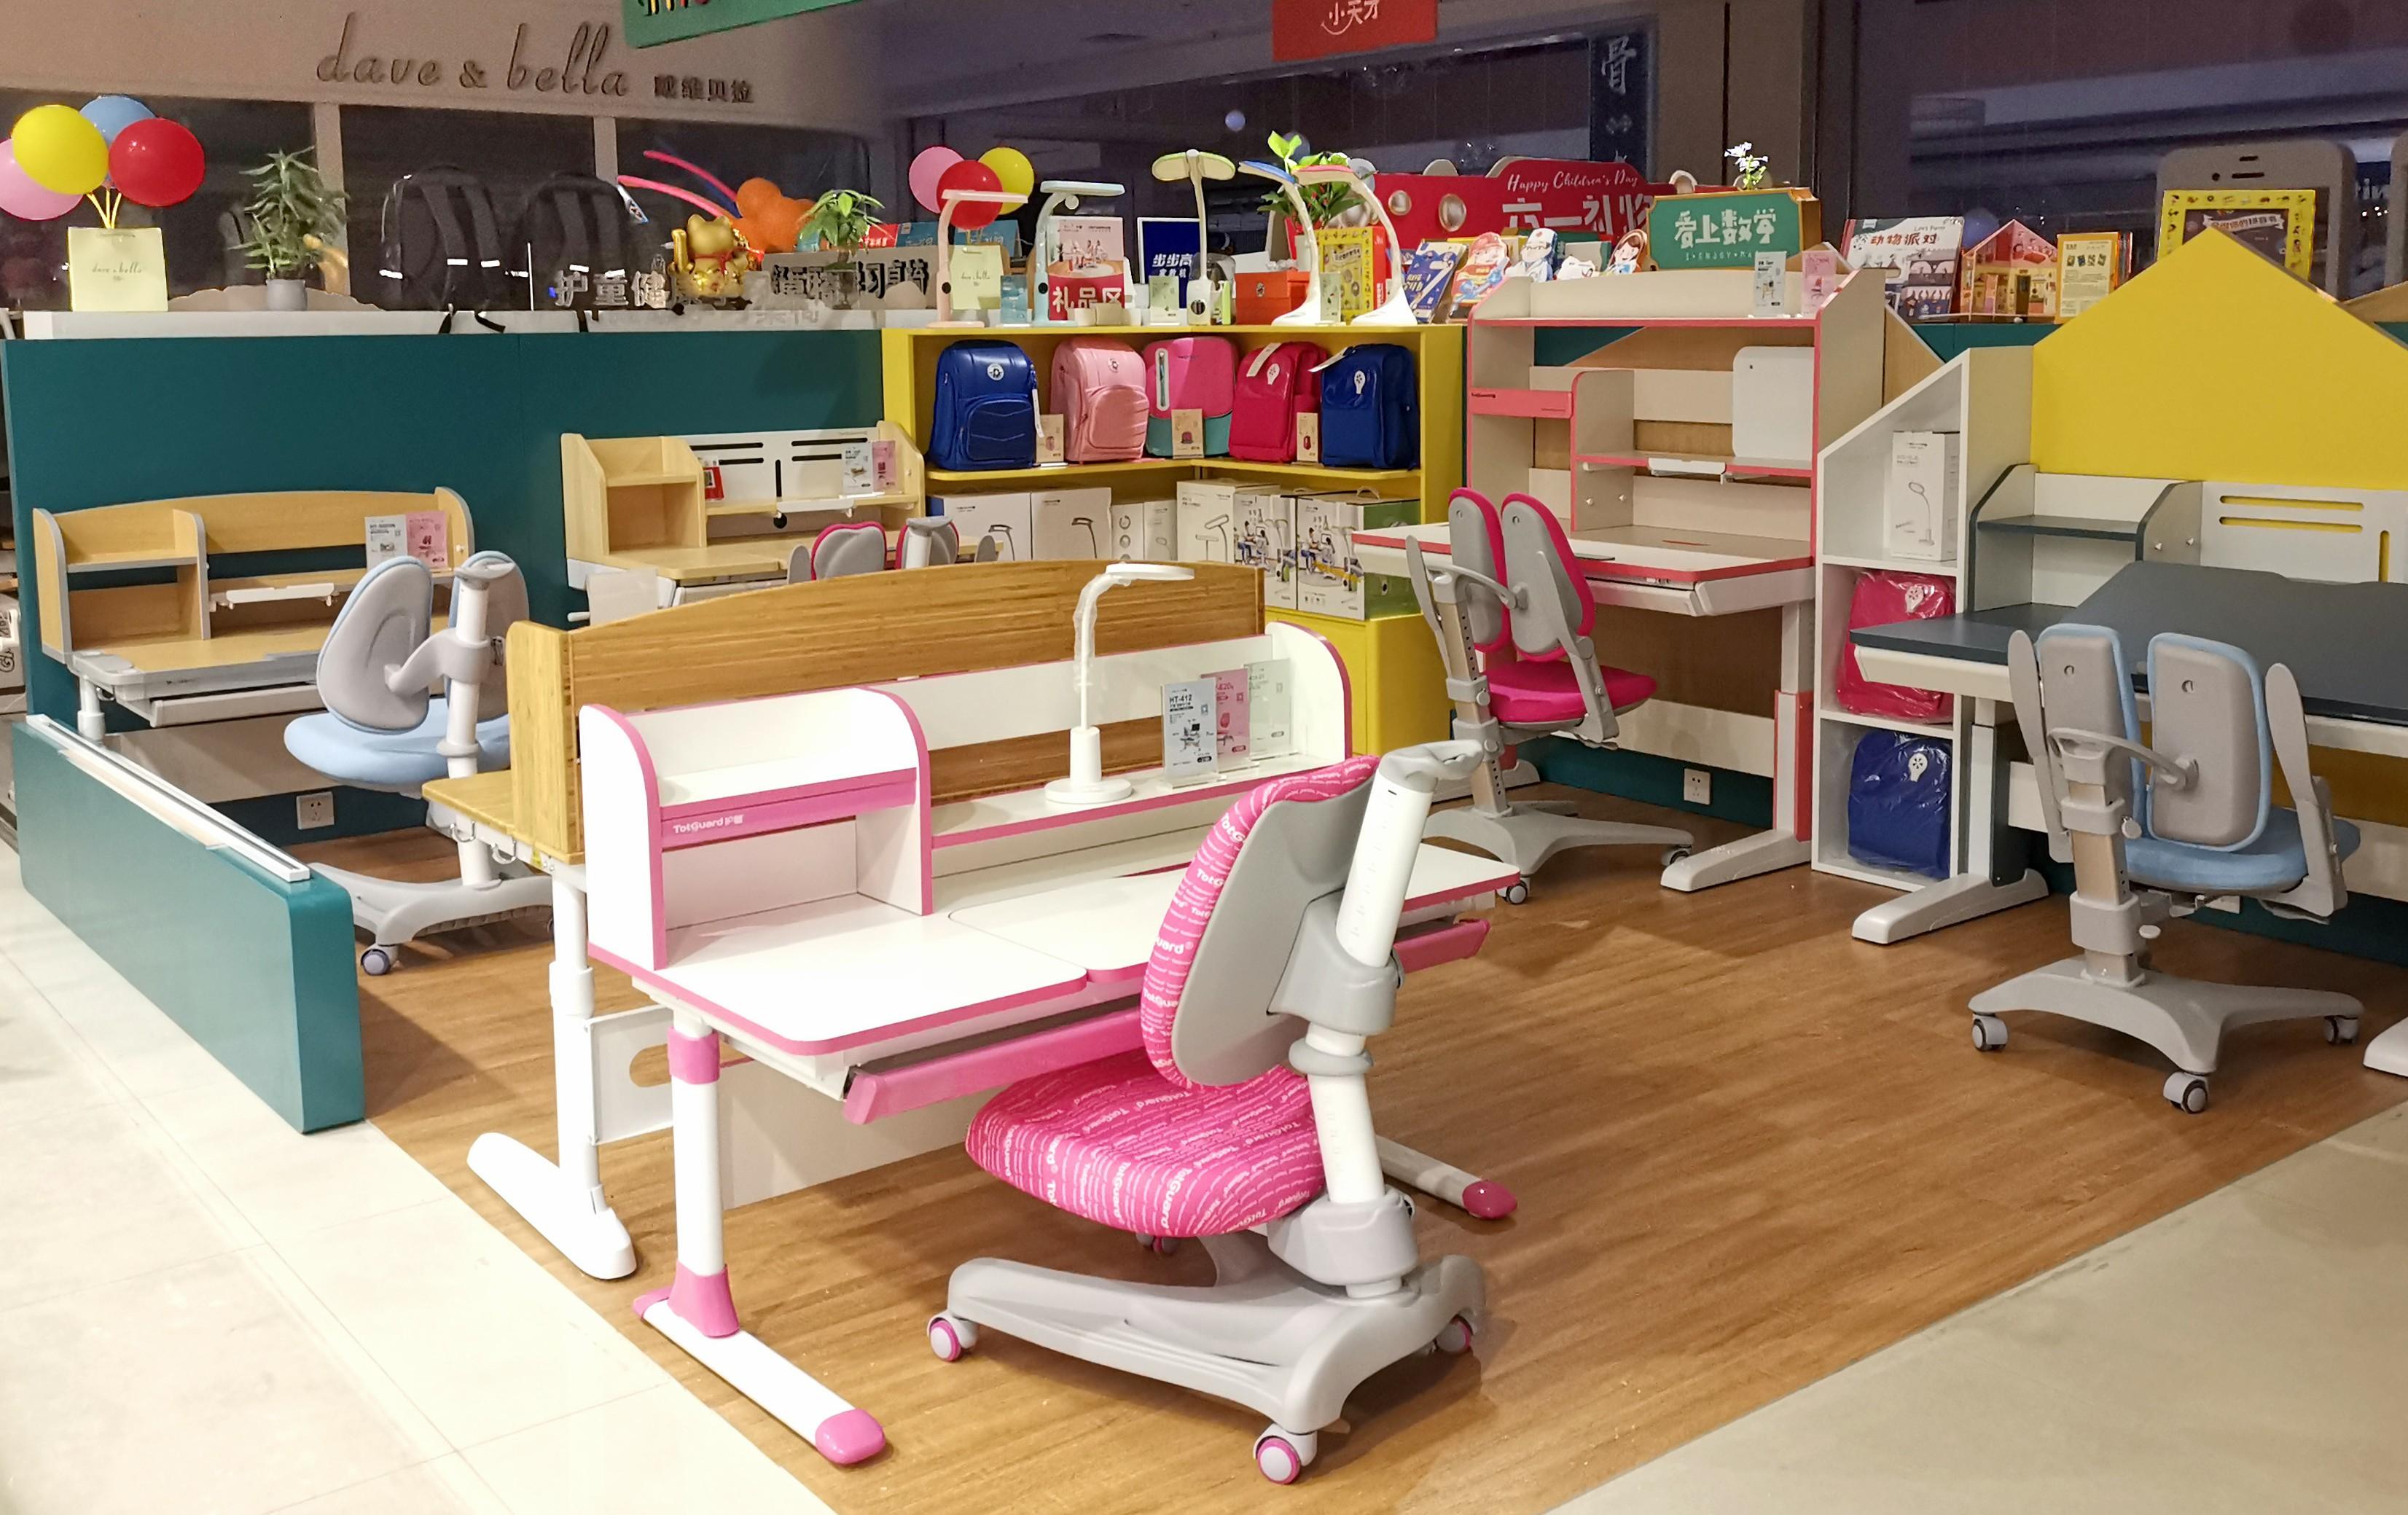 热烈祝贺护童第1982家福州万象生活城护童专柜盛大开业!